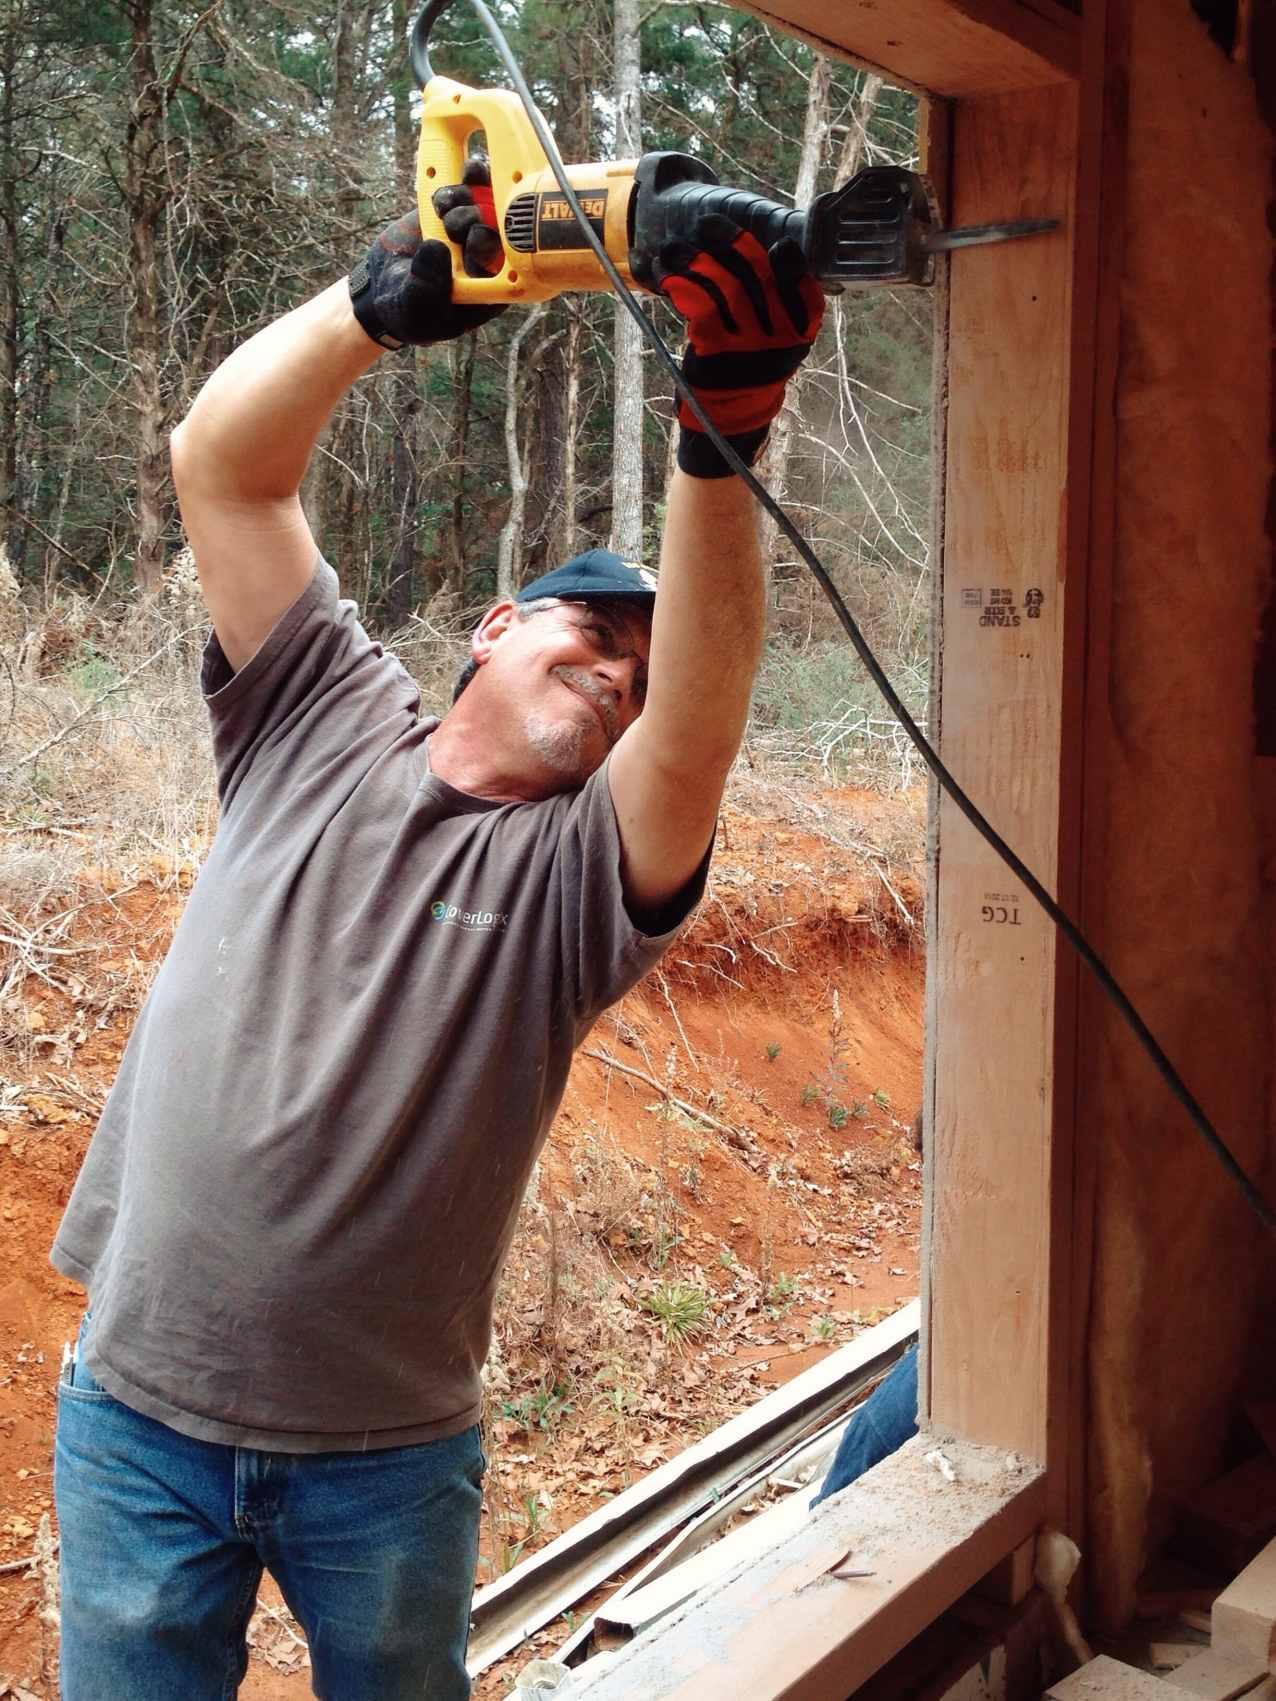 Mobile home Renovation